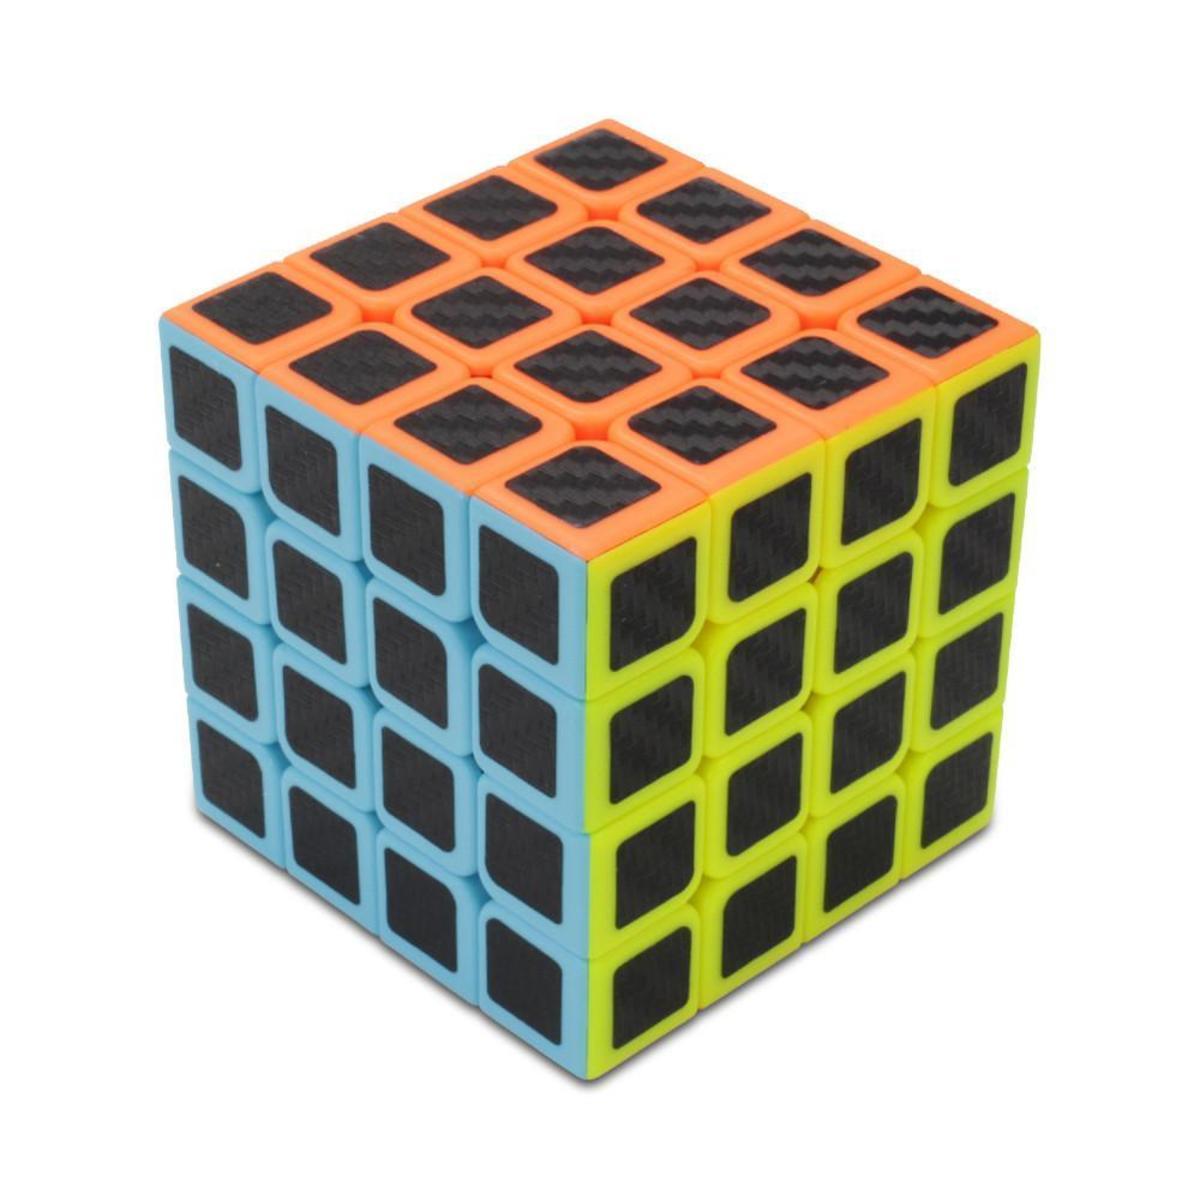 4x4x4 Cobra Fibra de Carbono CubeStyle